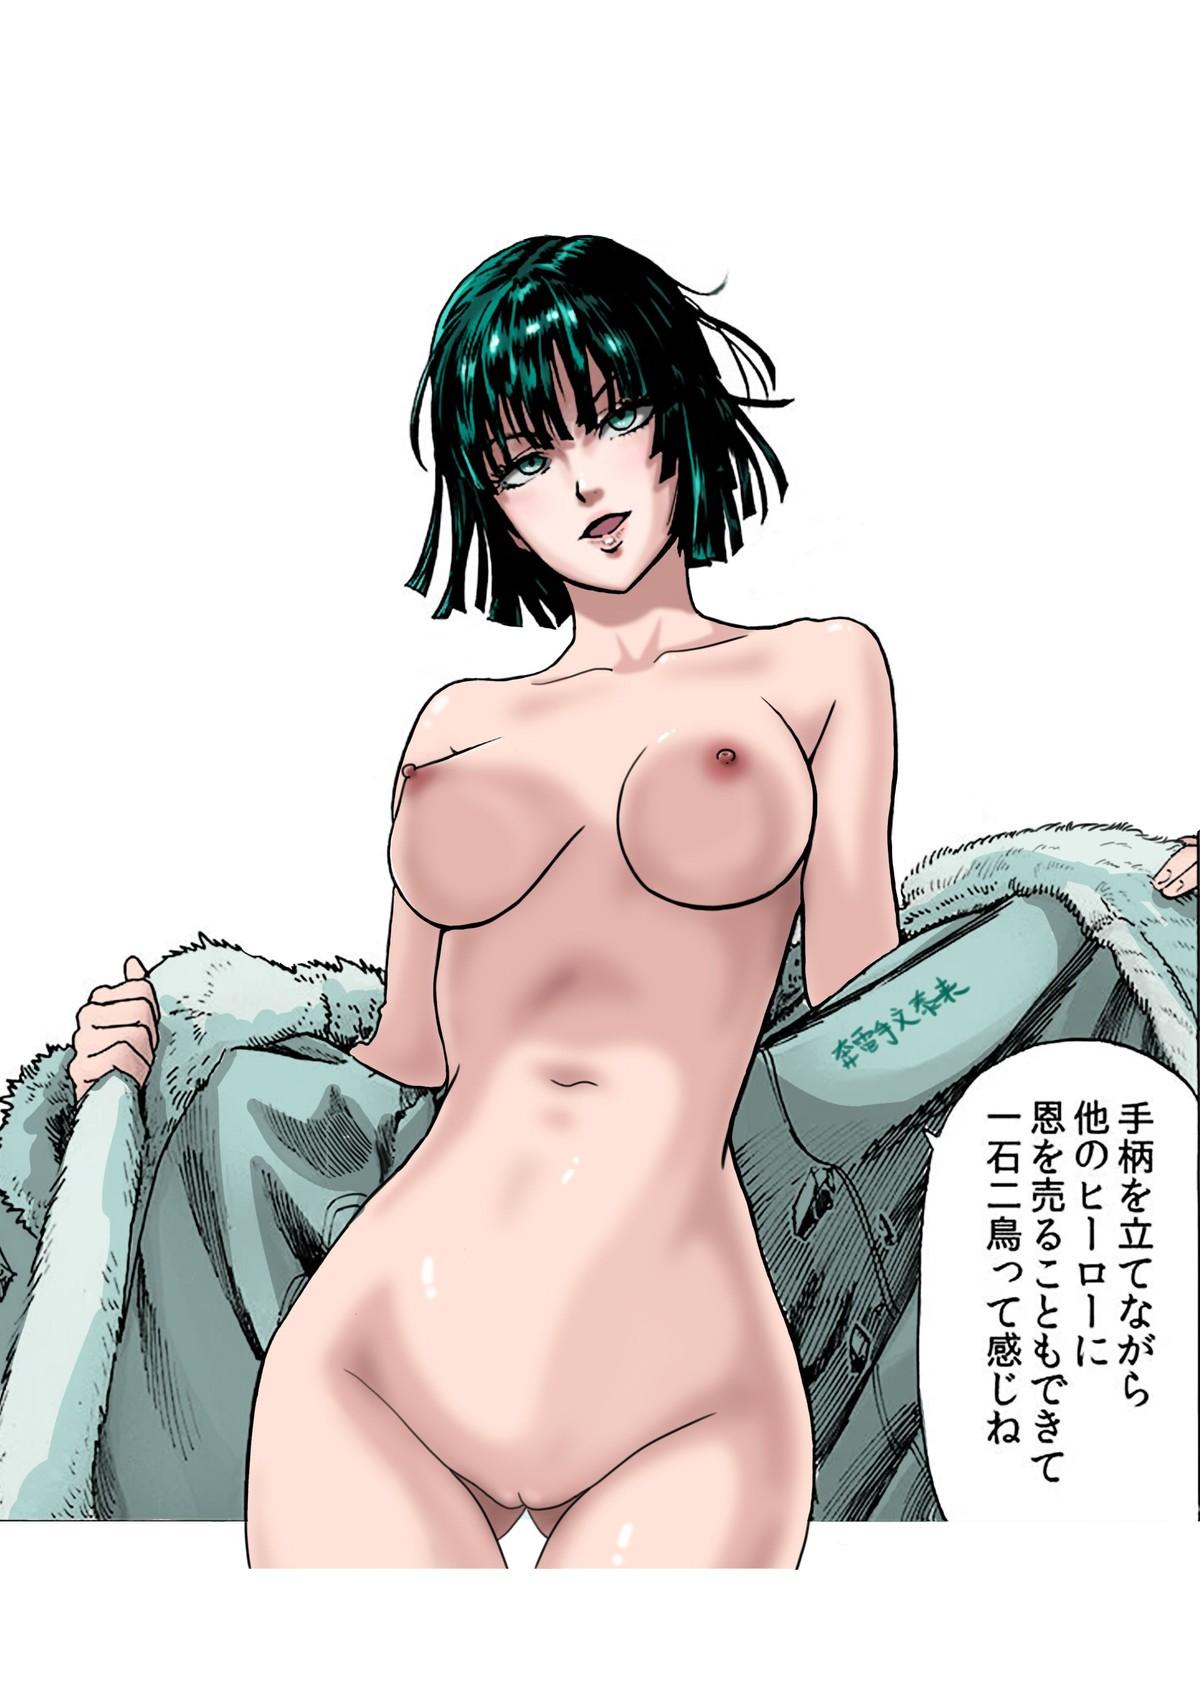 fubuki_(one-punch_man)067